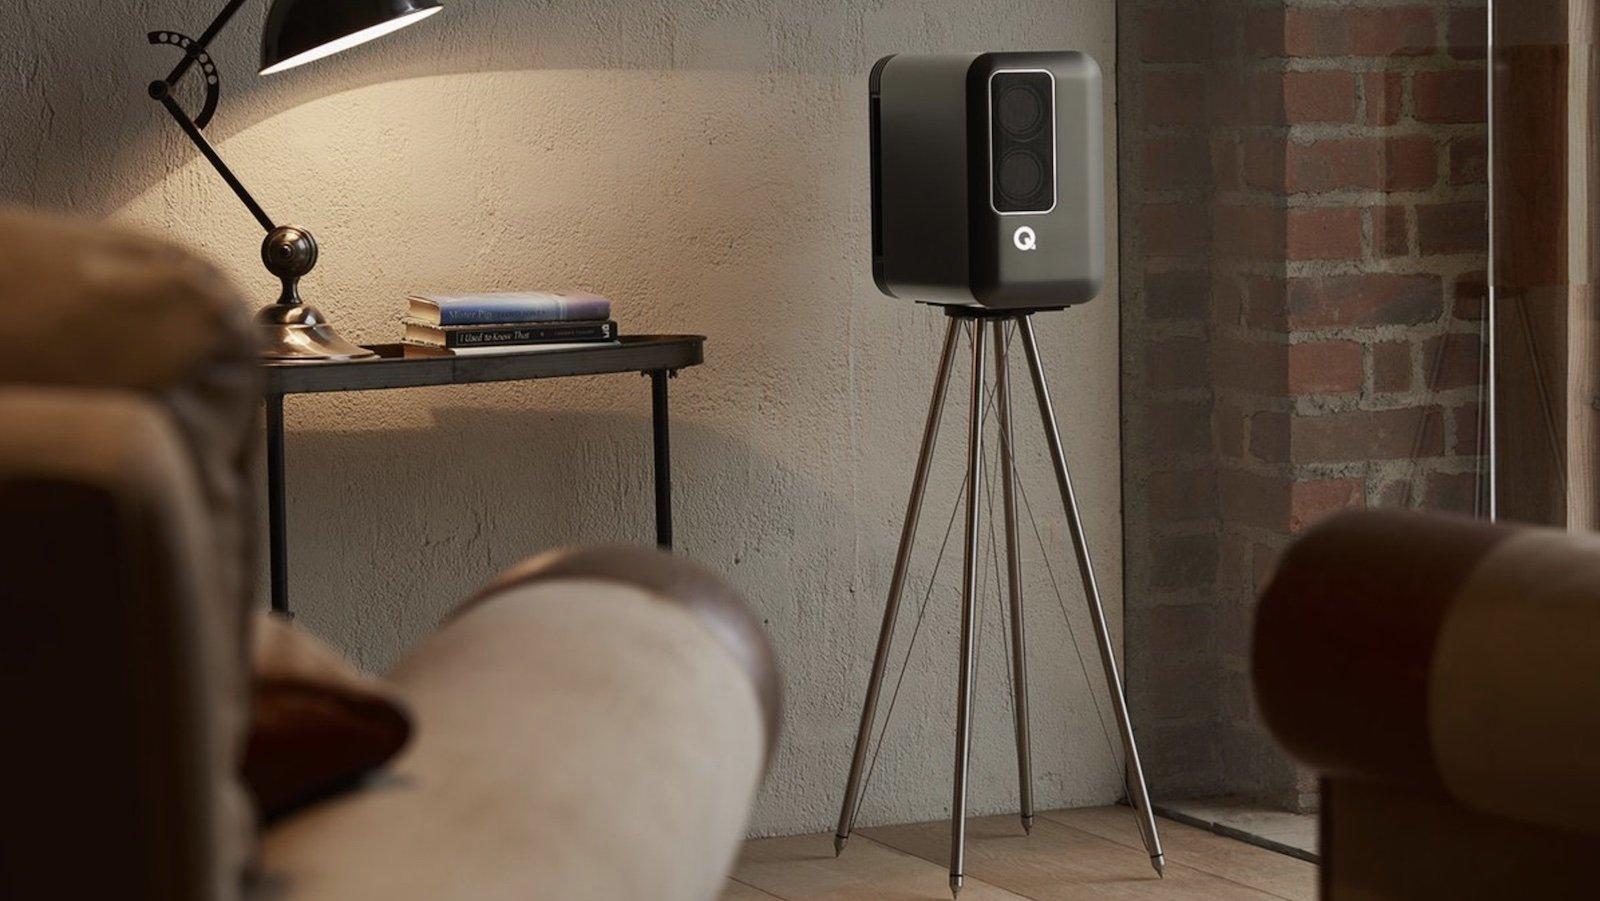 Q Acoustics Active 200 Speakers deliver uncompromised sound and boast a unique, convenient design